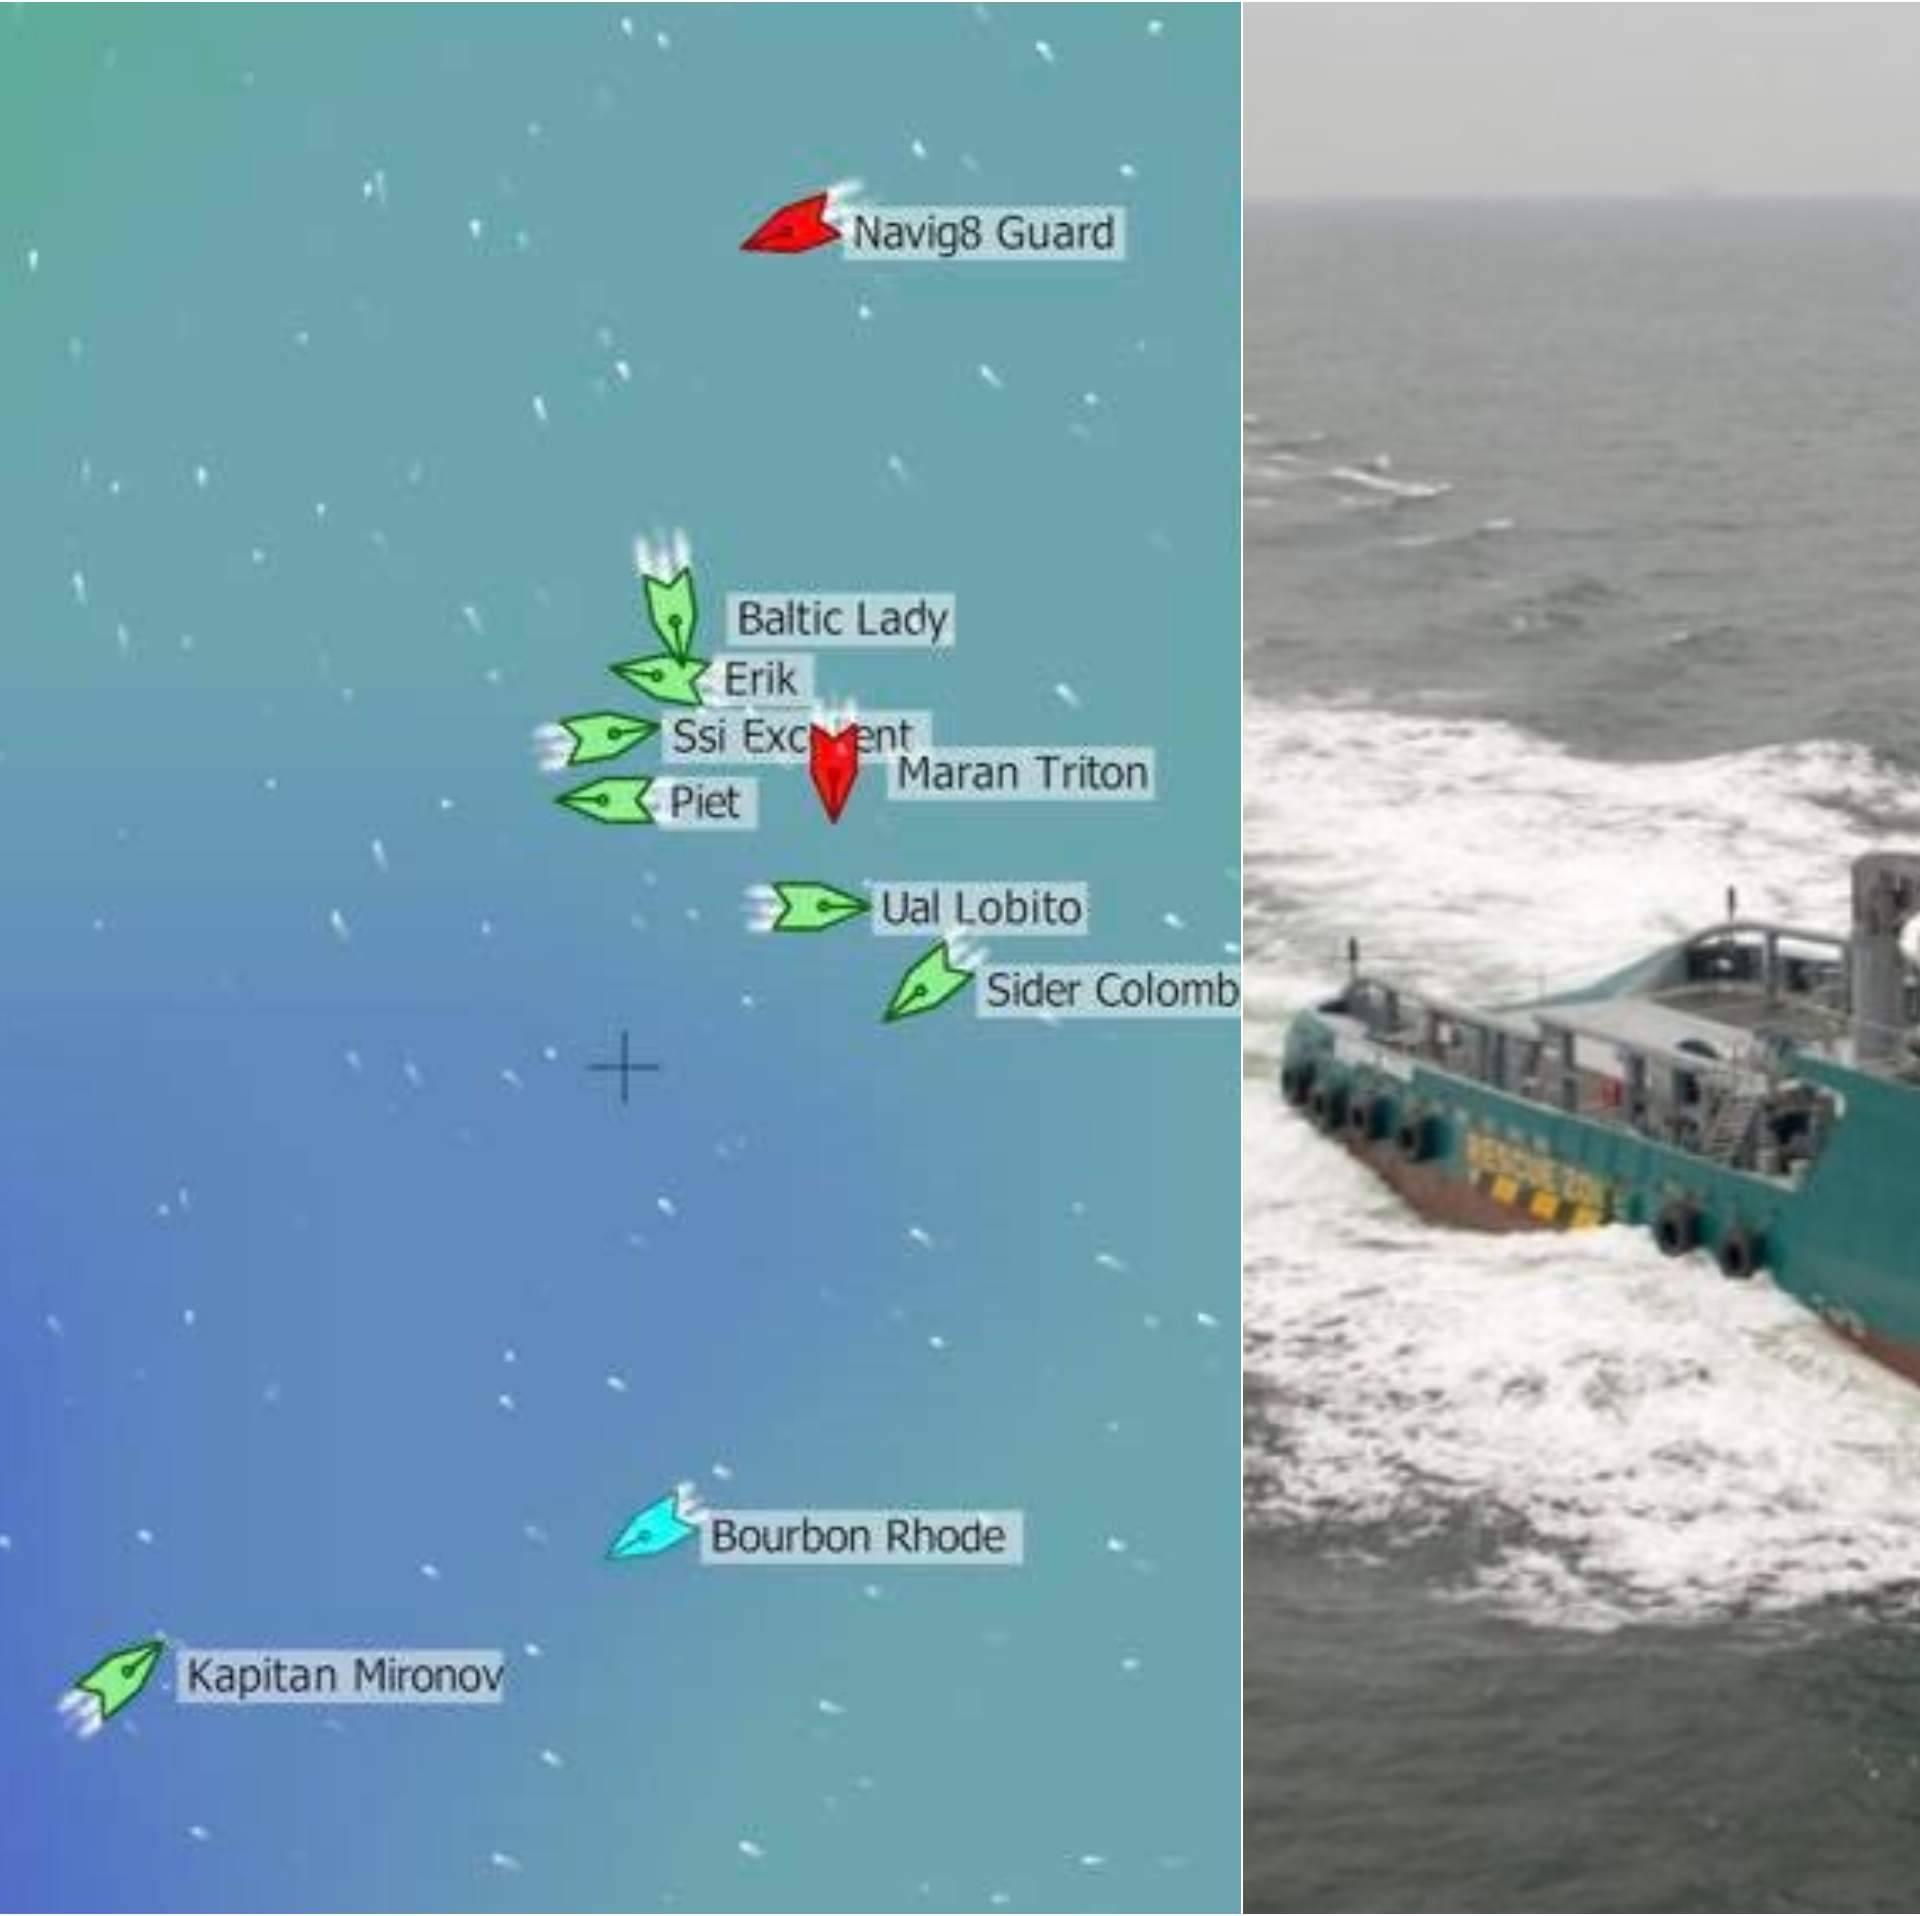 Tragaju za preživjelima: Brod s kapetanom Hrvatom potonuo